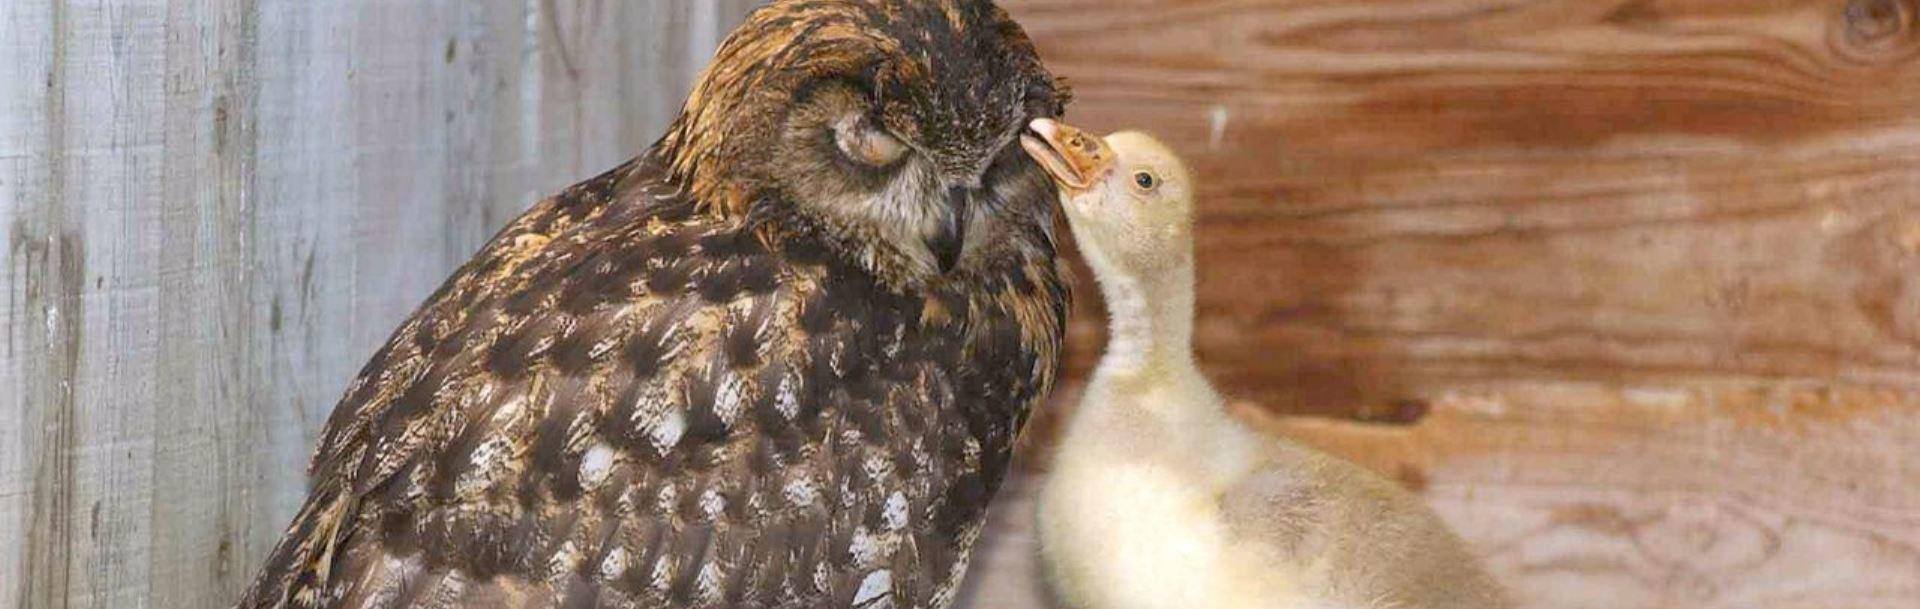 20 de poveşti emoţionante care vă vor schimba percepţia despre animale – Partea a II-a